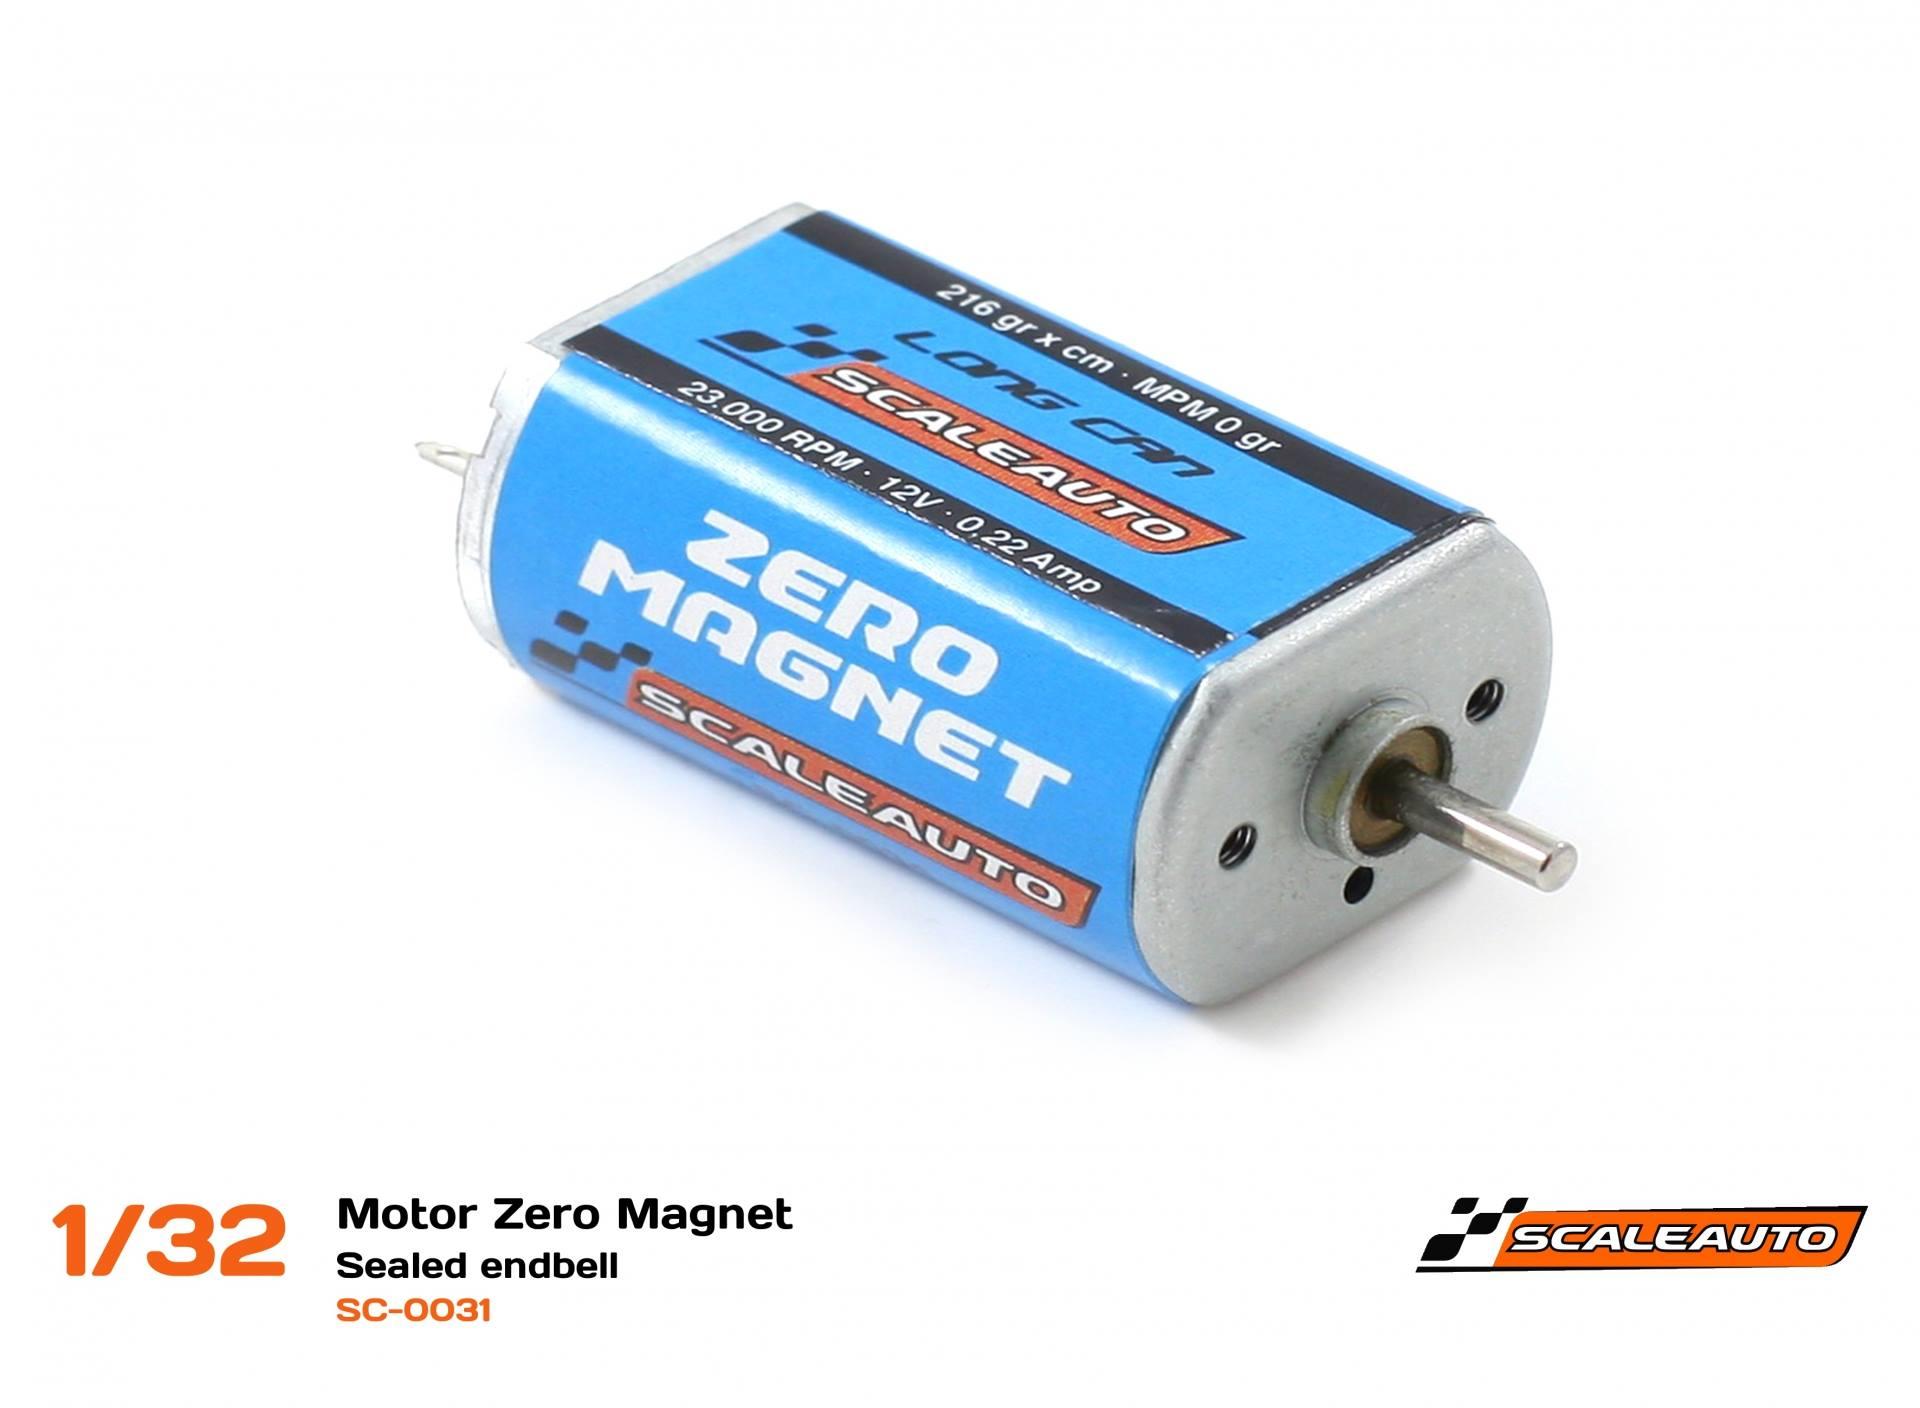 Scaleauto moteur (SC-0031) Zéro Magnet